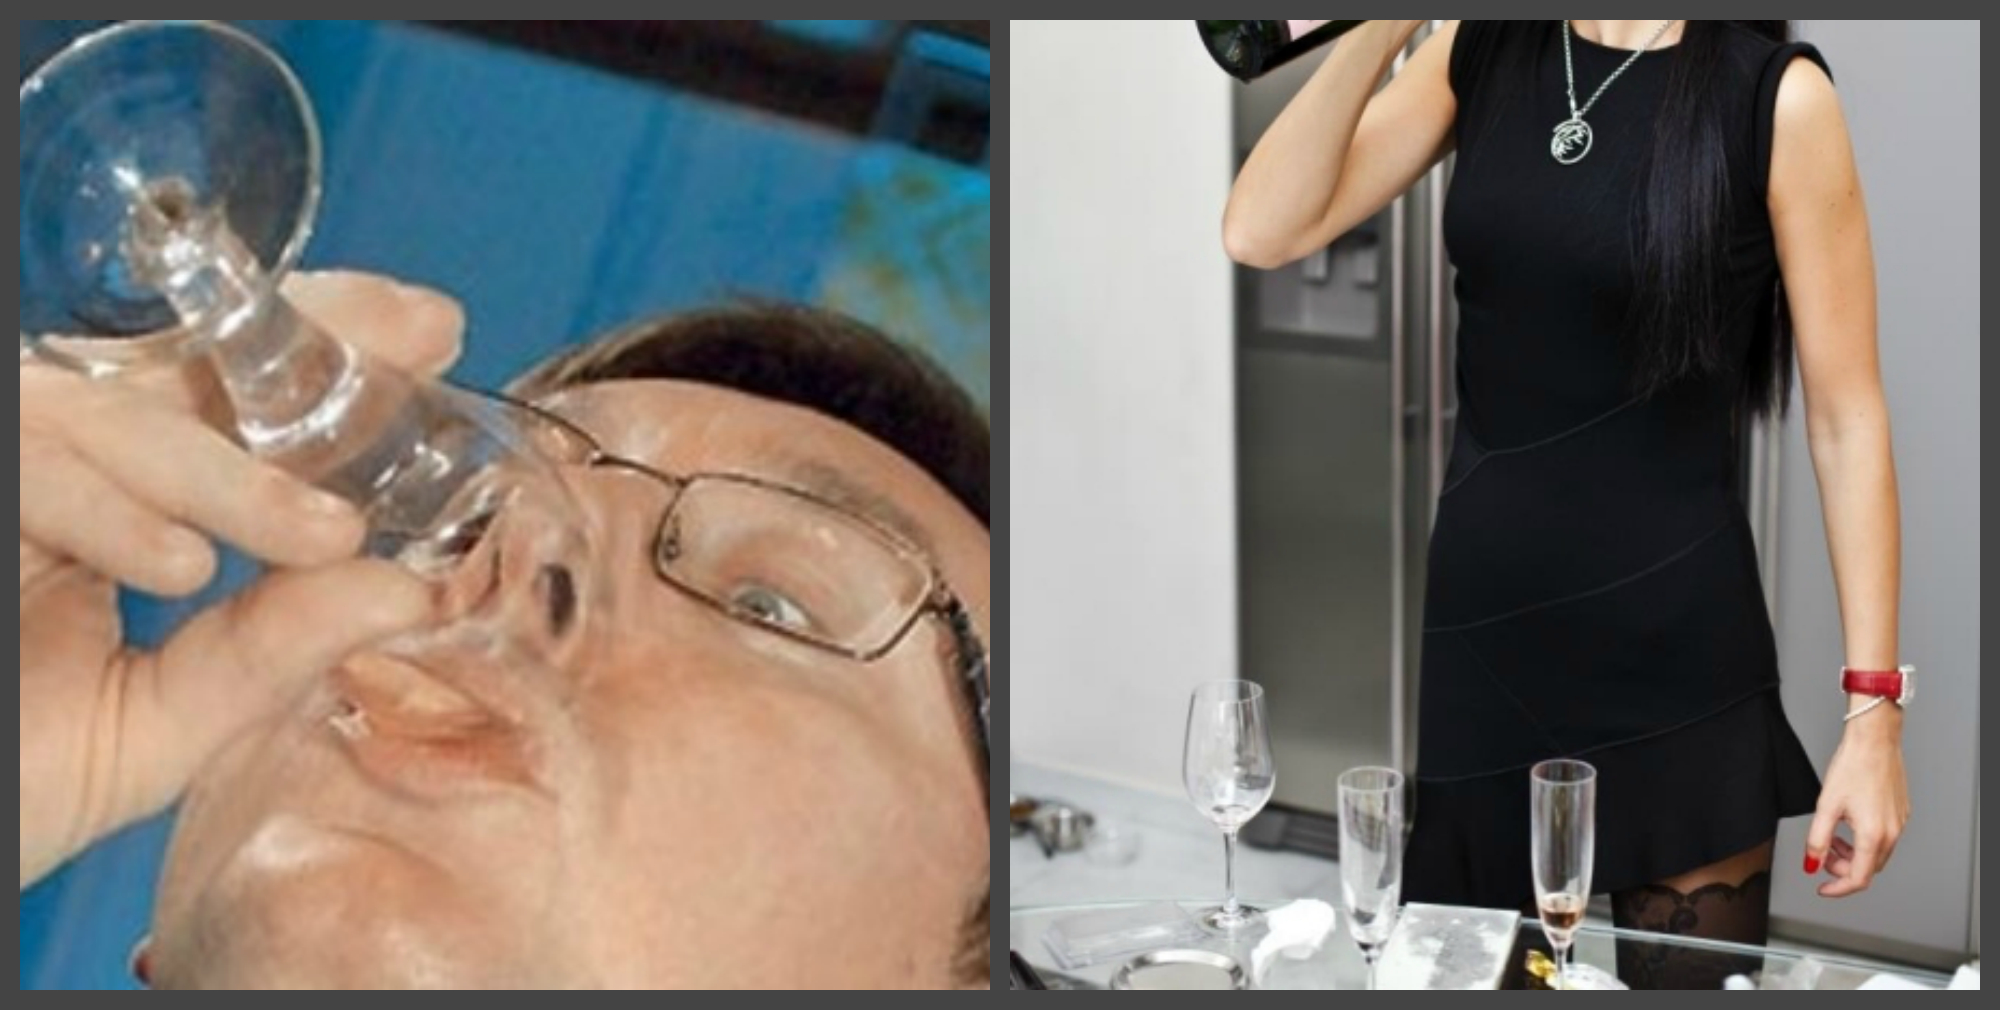 От алкоголя до интима: шокирующие фото украинских политиков сделанных в нужный момент (ФОТО+18)